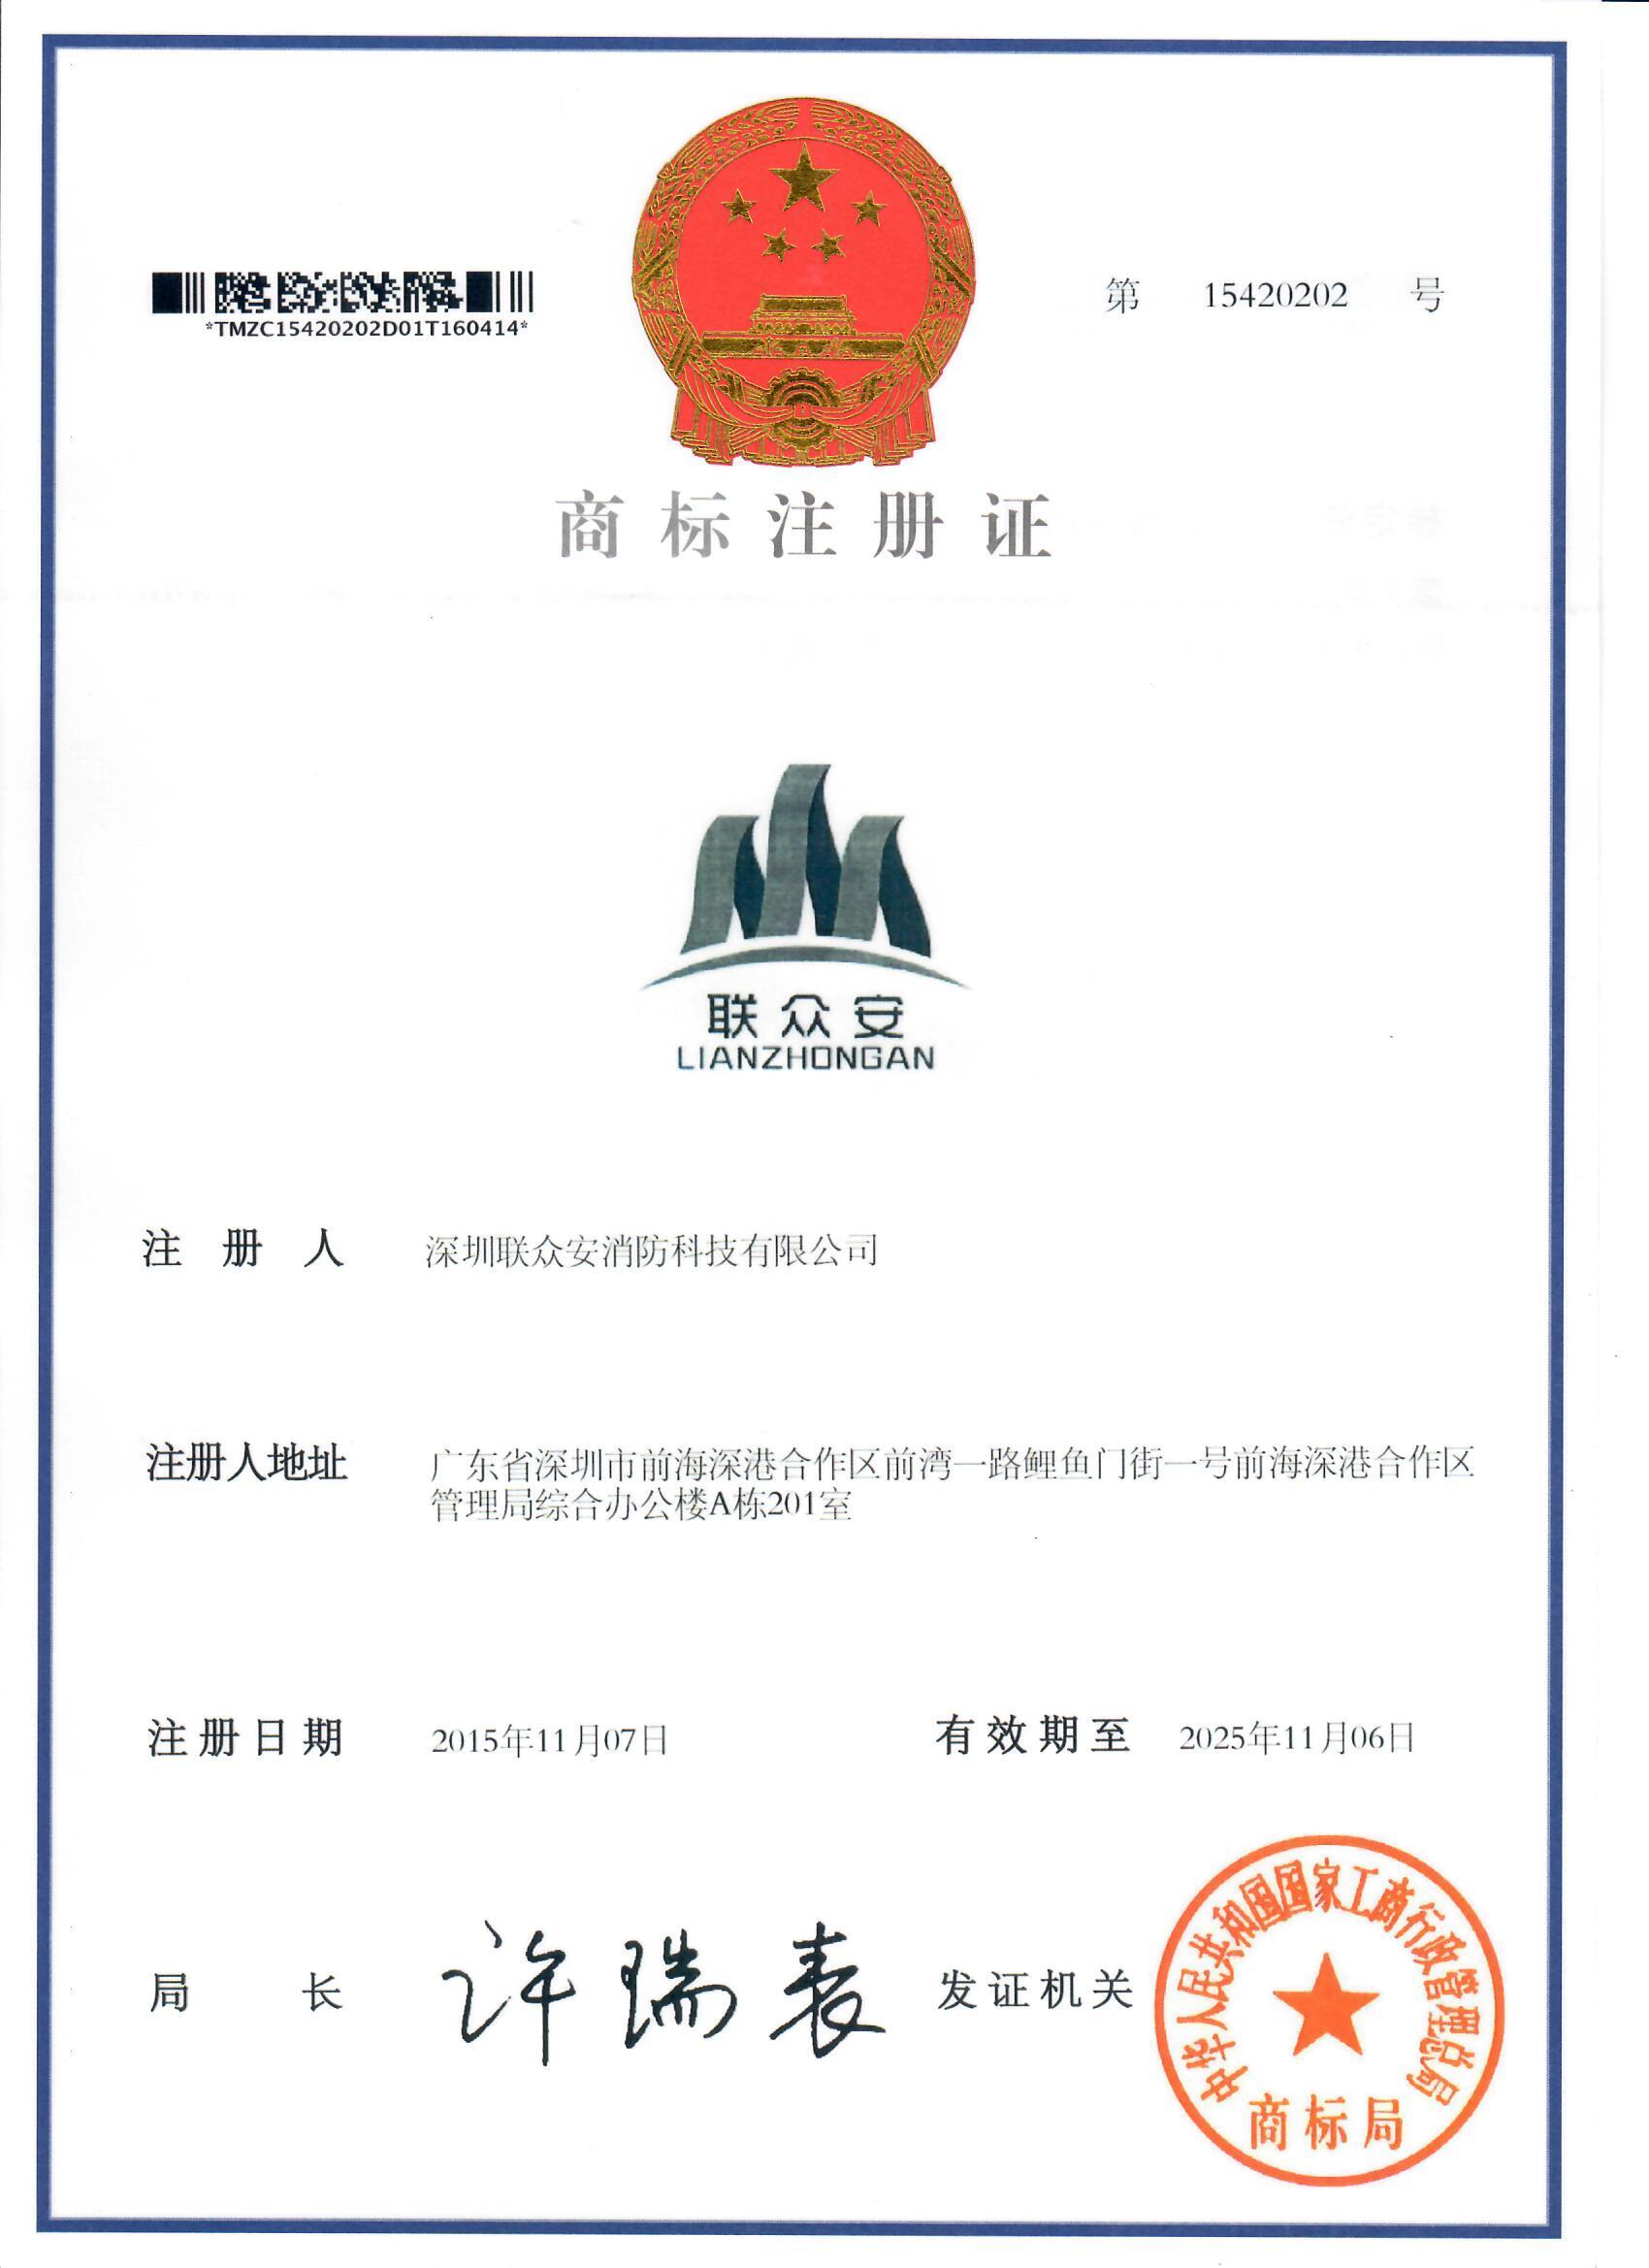 联众安商标注册证